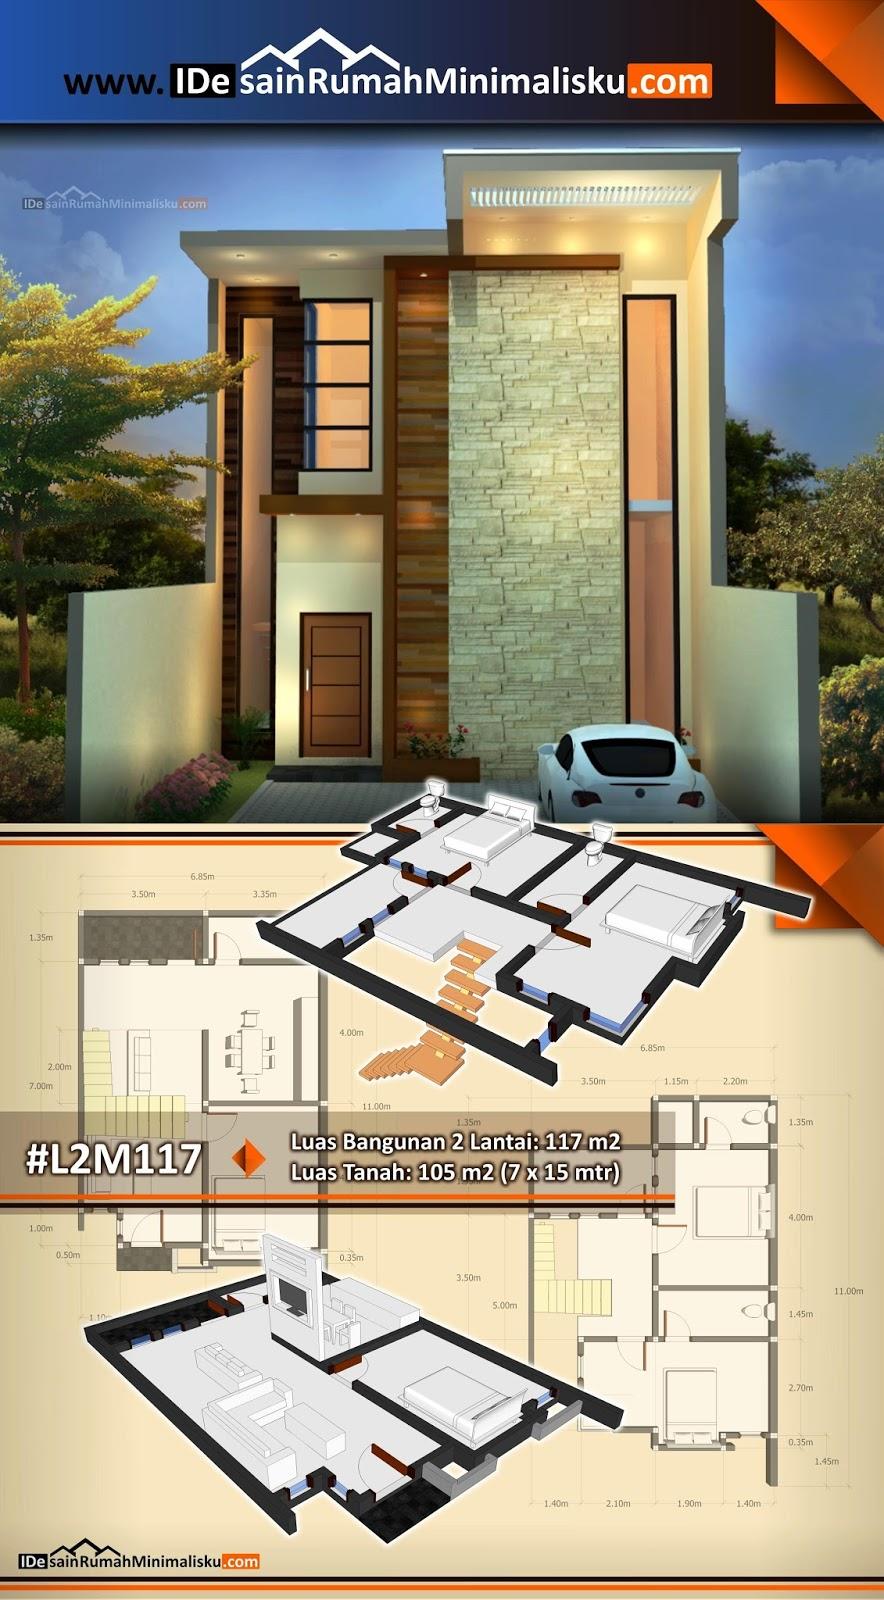 Desain Rumah Minimalis Modern Dan Denahnya Inspirasi Desain Rumah